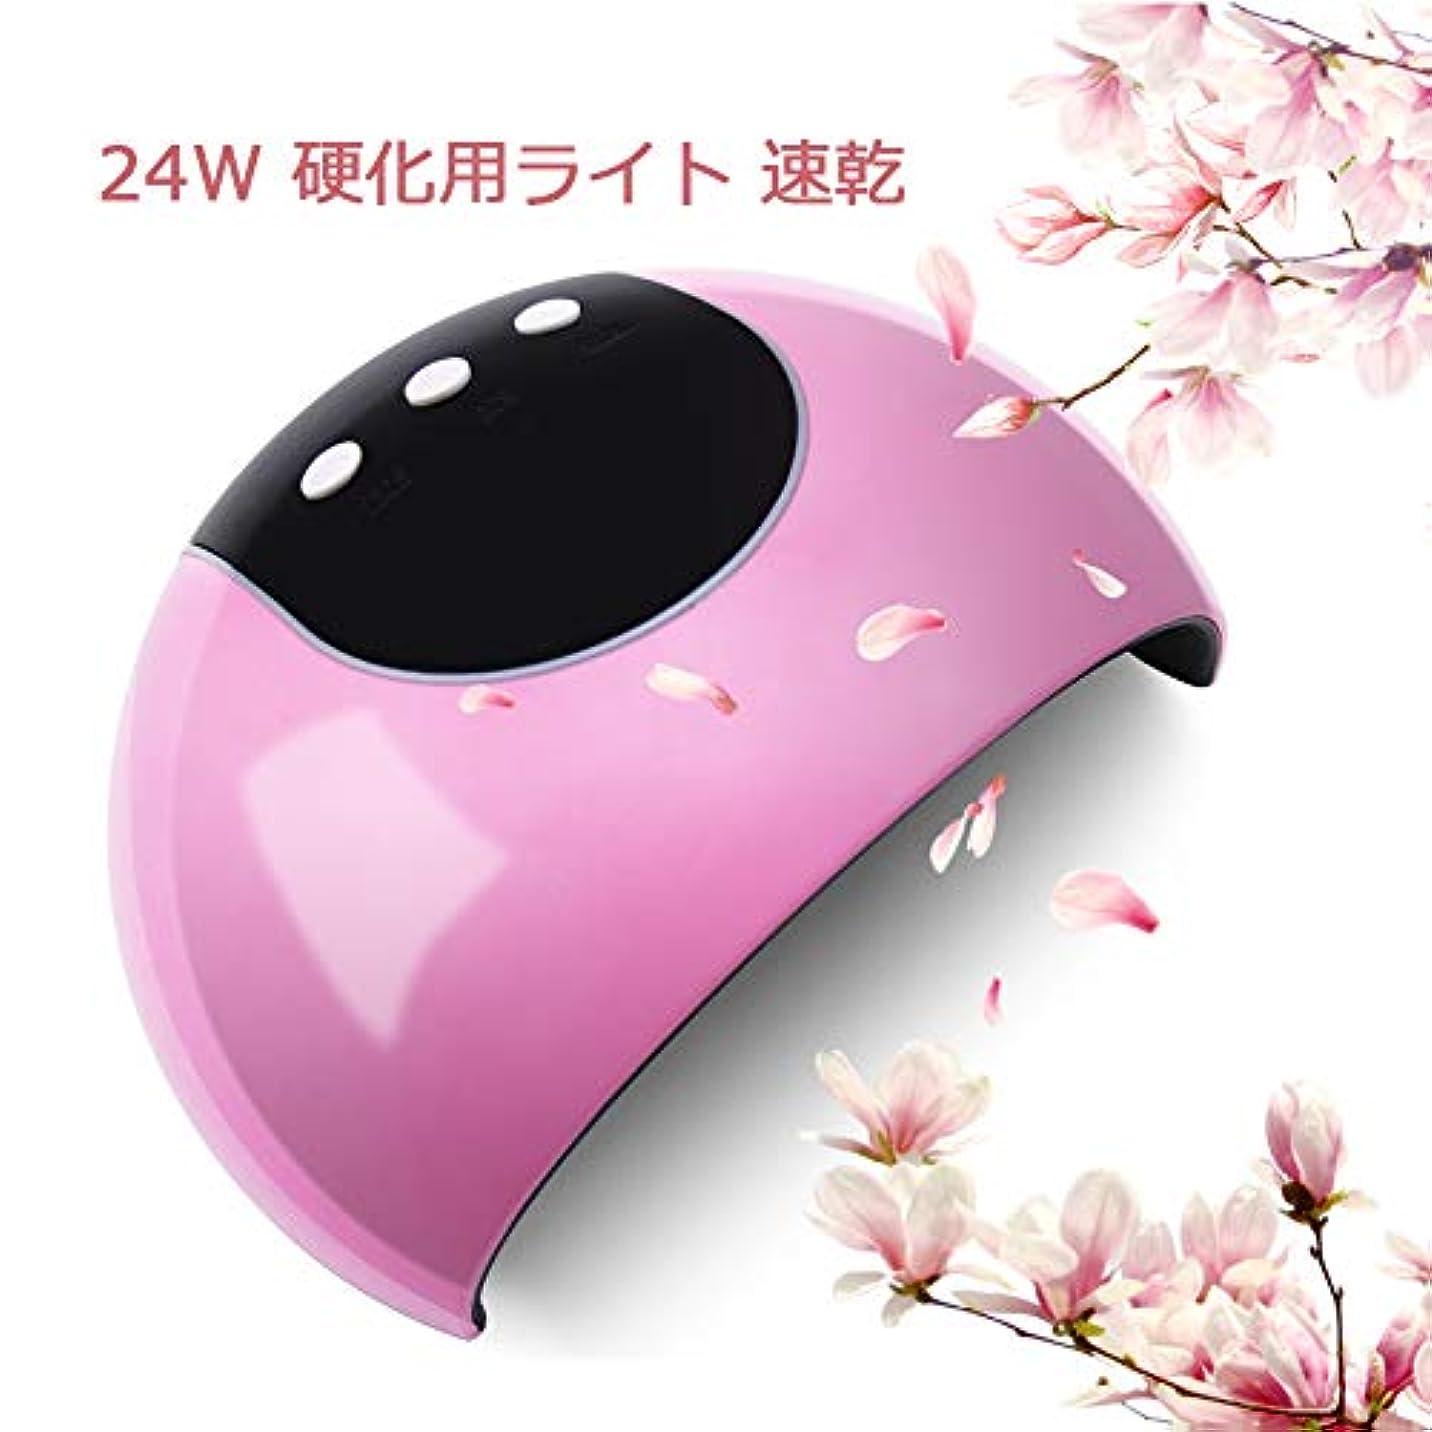 モッキンバード即席知覚的Twinkle Store 24W ネイルライト ネイルドライヤー 硬化用ライト 分かりやすい説明書付き (A0XX4-152)